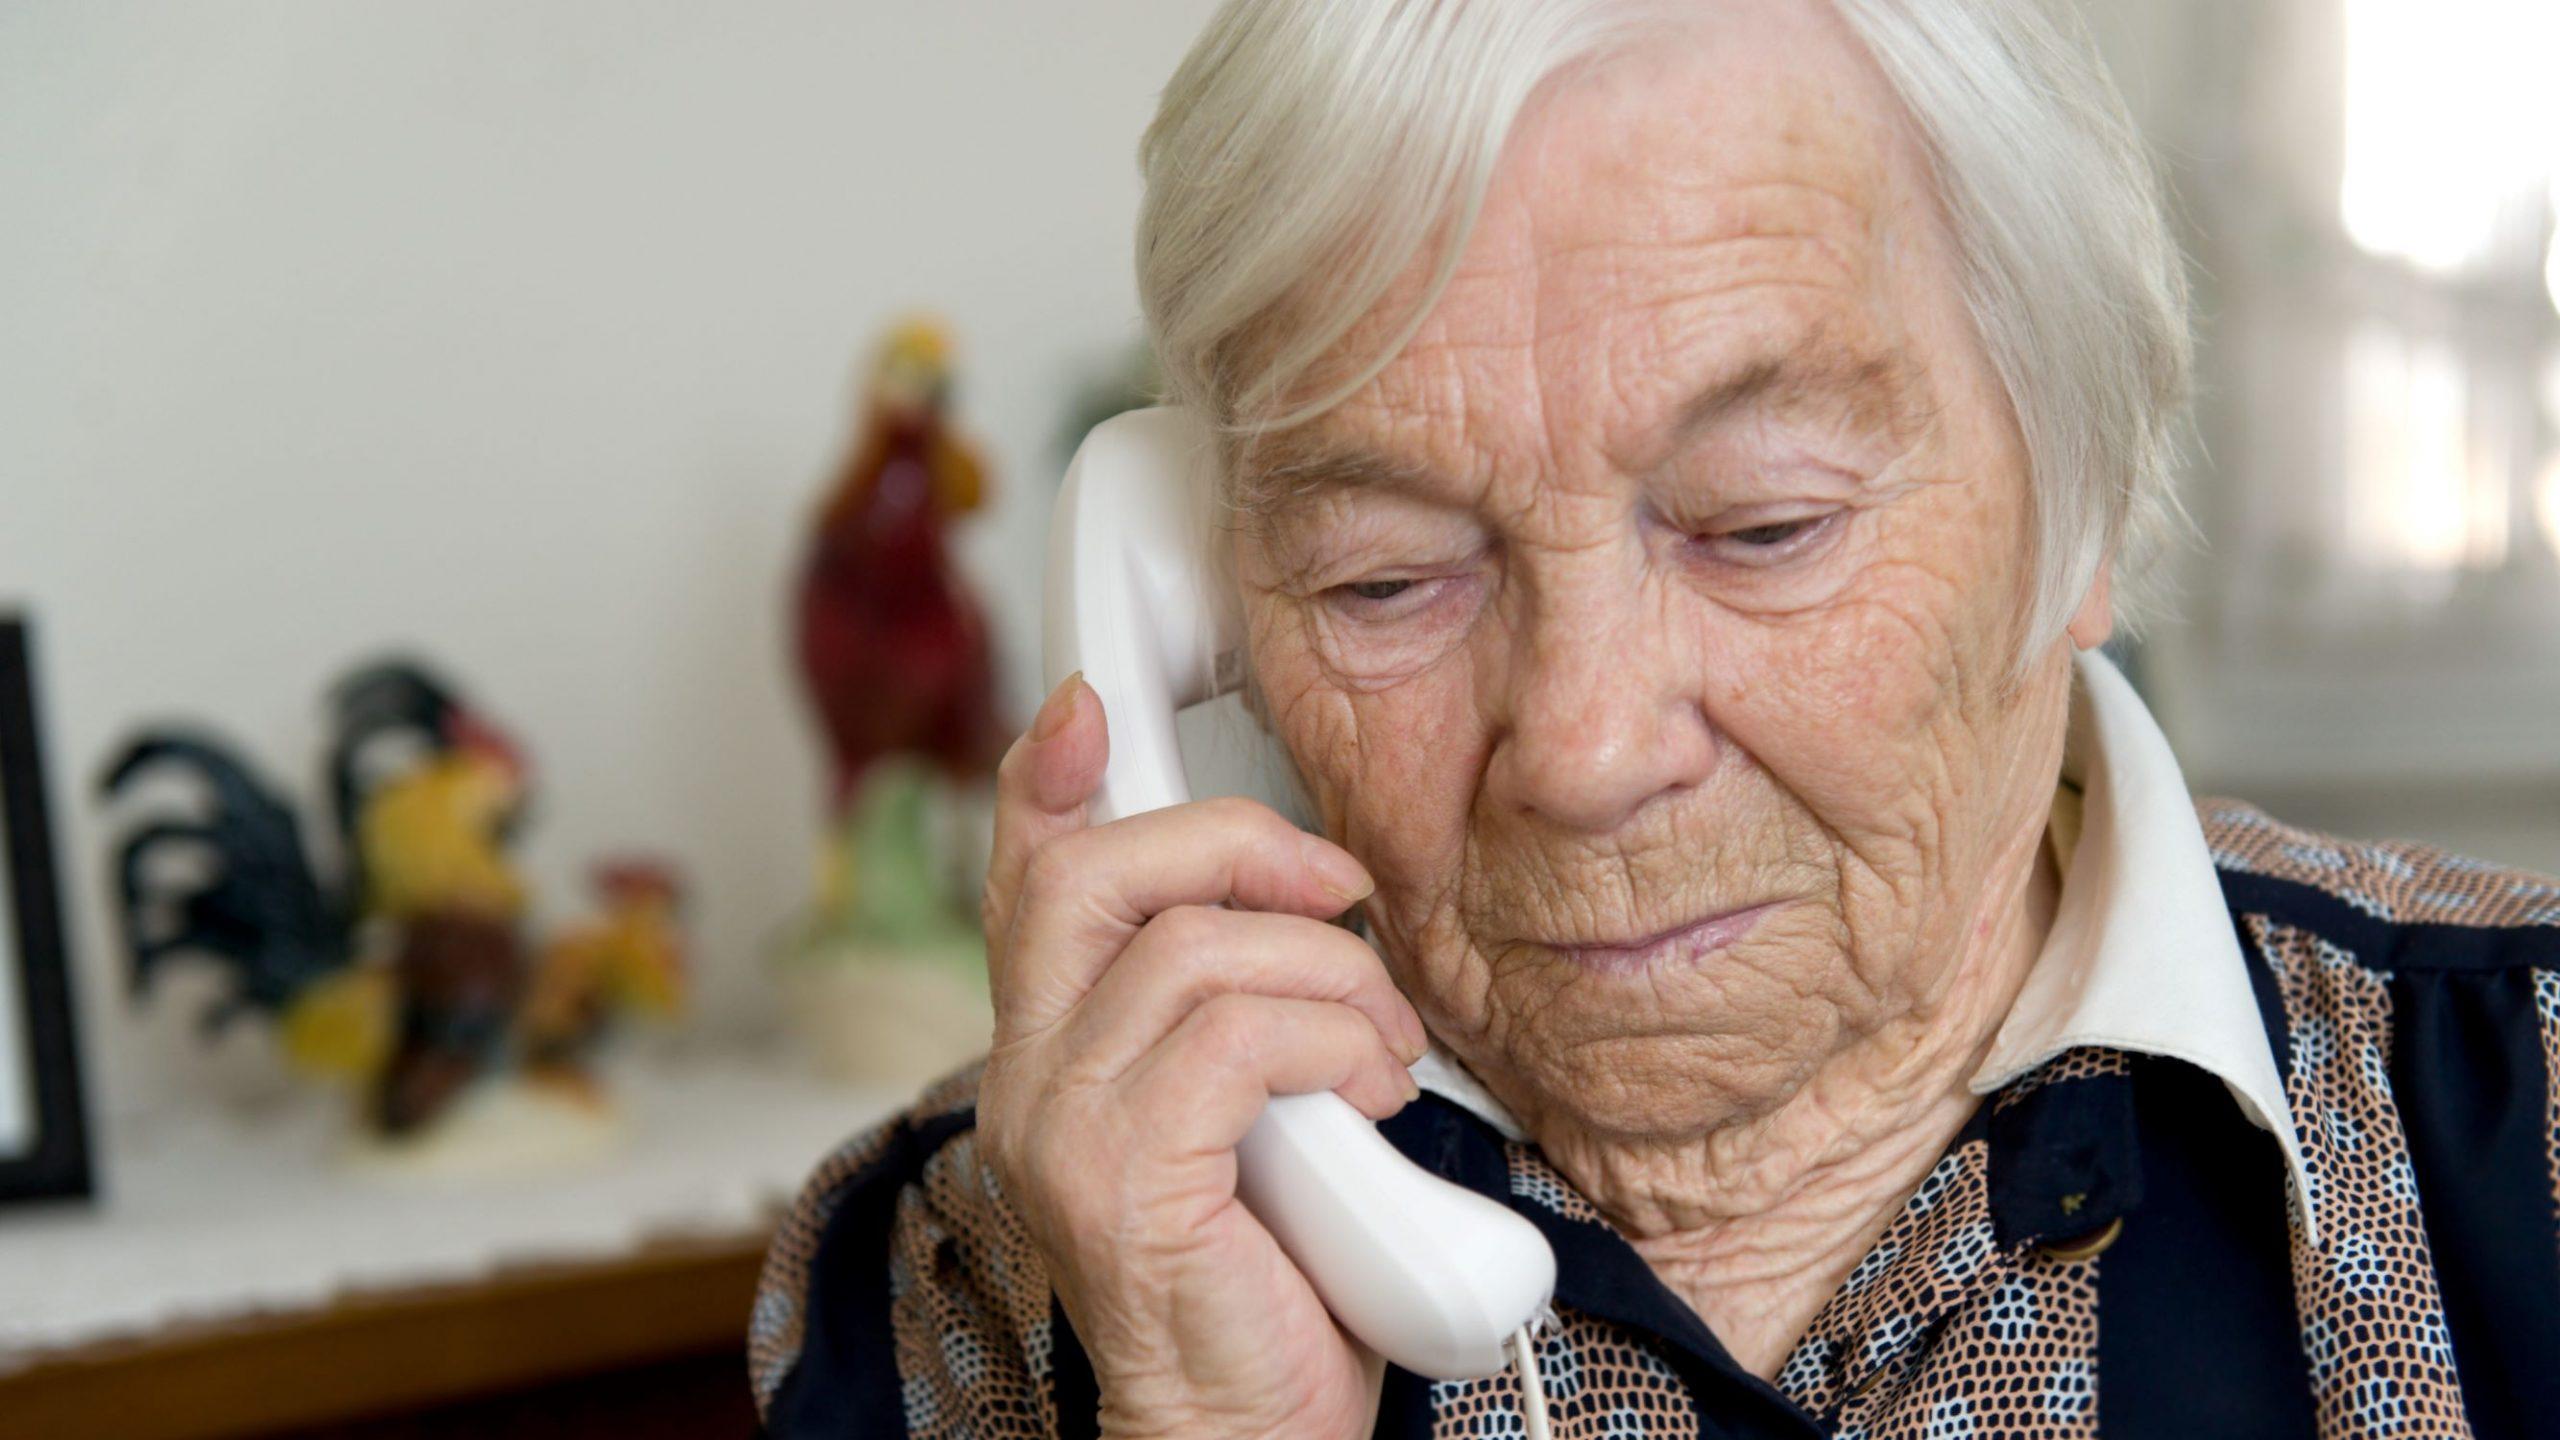 Advarsel fra politiet: Pas på fupopkald om din pension